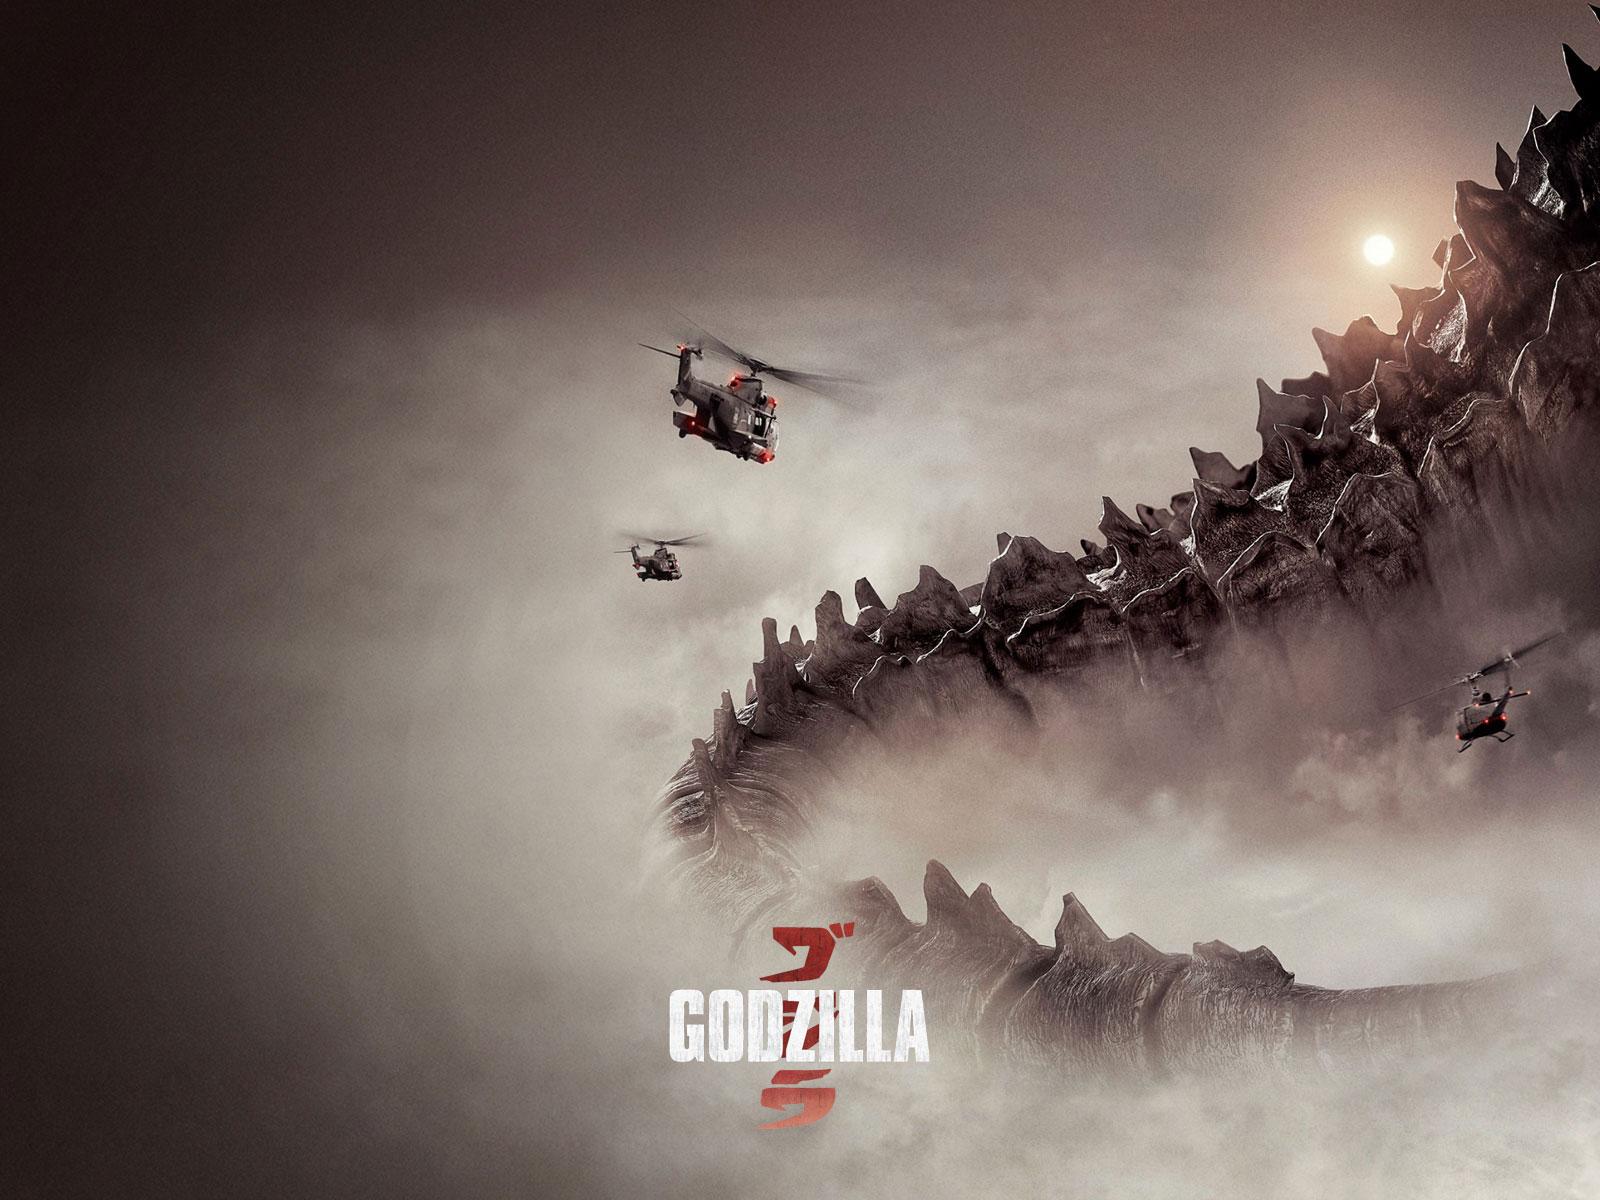 godzilla movie 2014 hd wallpapers godzilla 2014 wallpaper hd 1600 1200 1600x1200